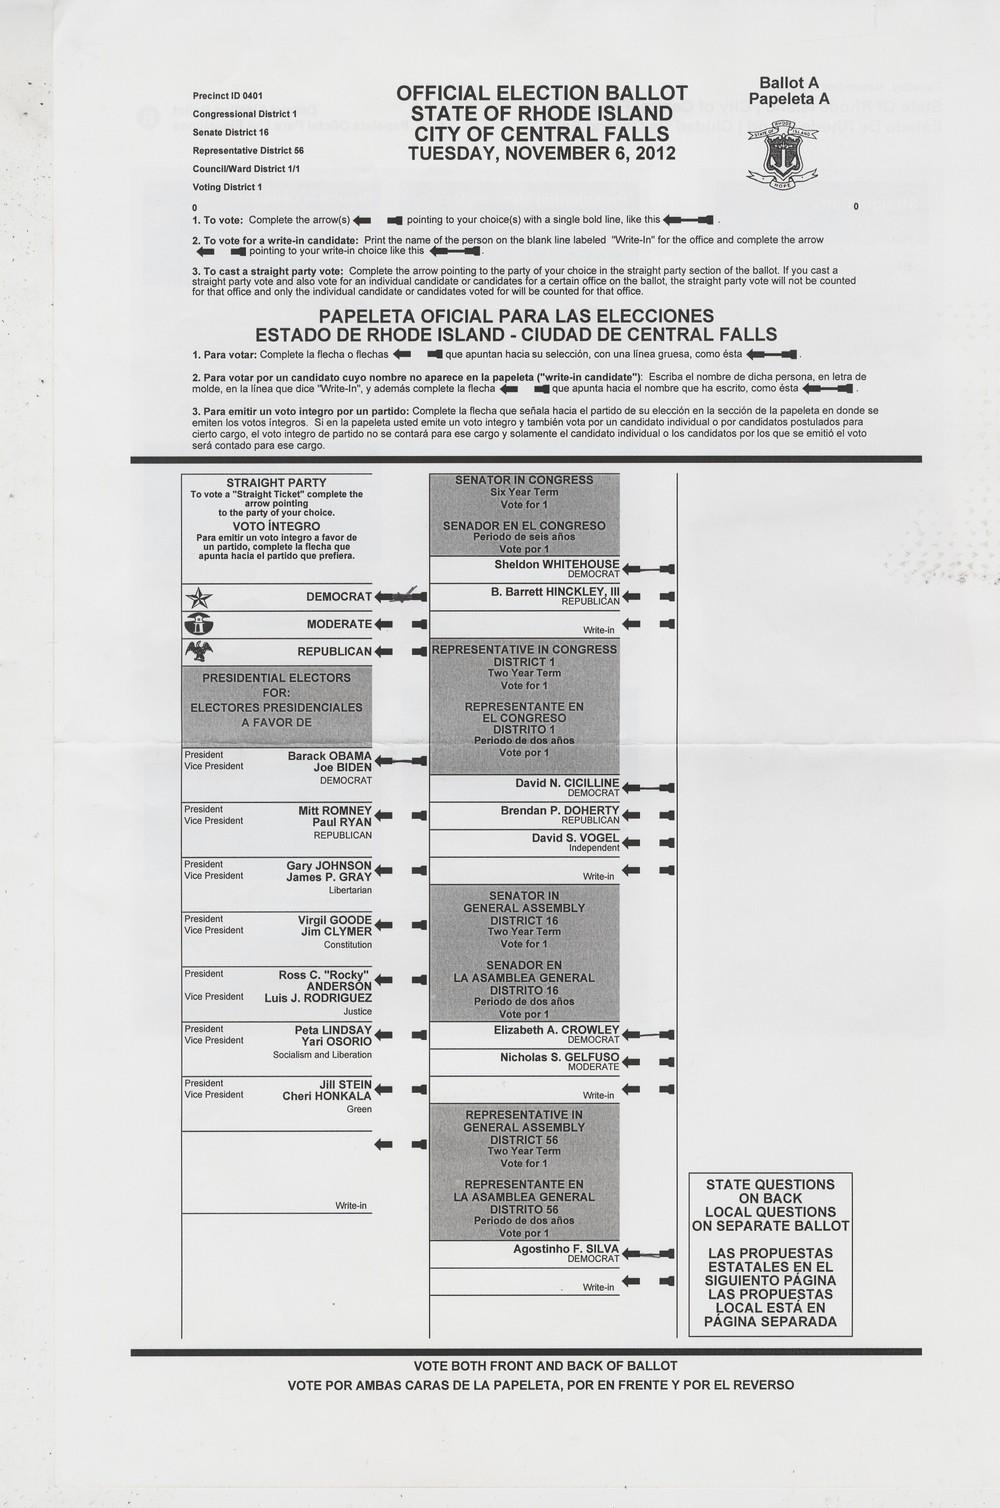 ballot_07a.jpg